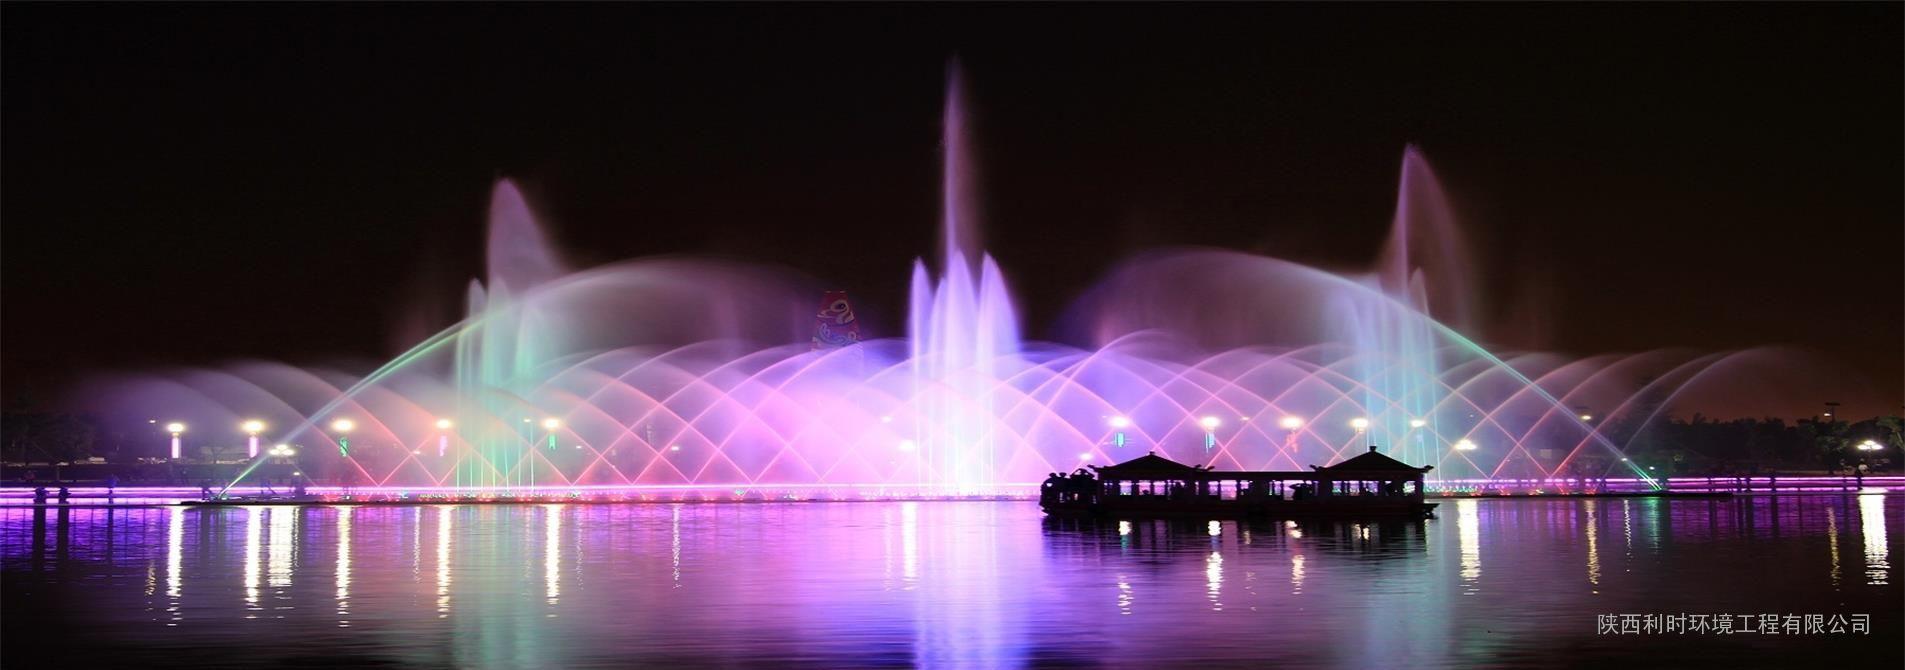 喷泉设计 音乐喷泉 喷泉施工 喷泉公司 水景设计